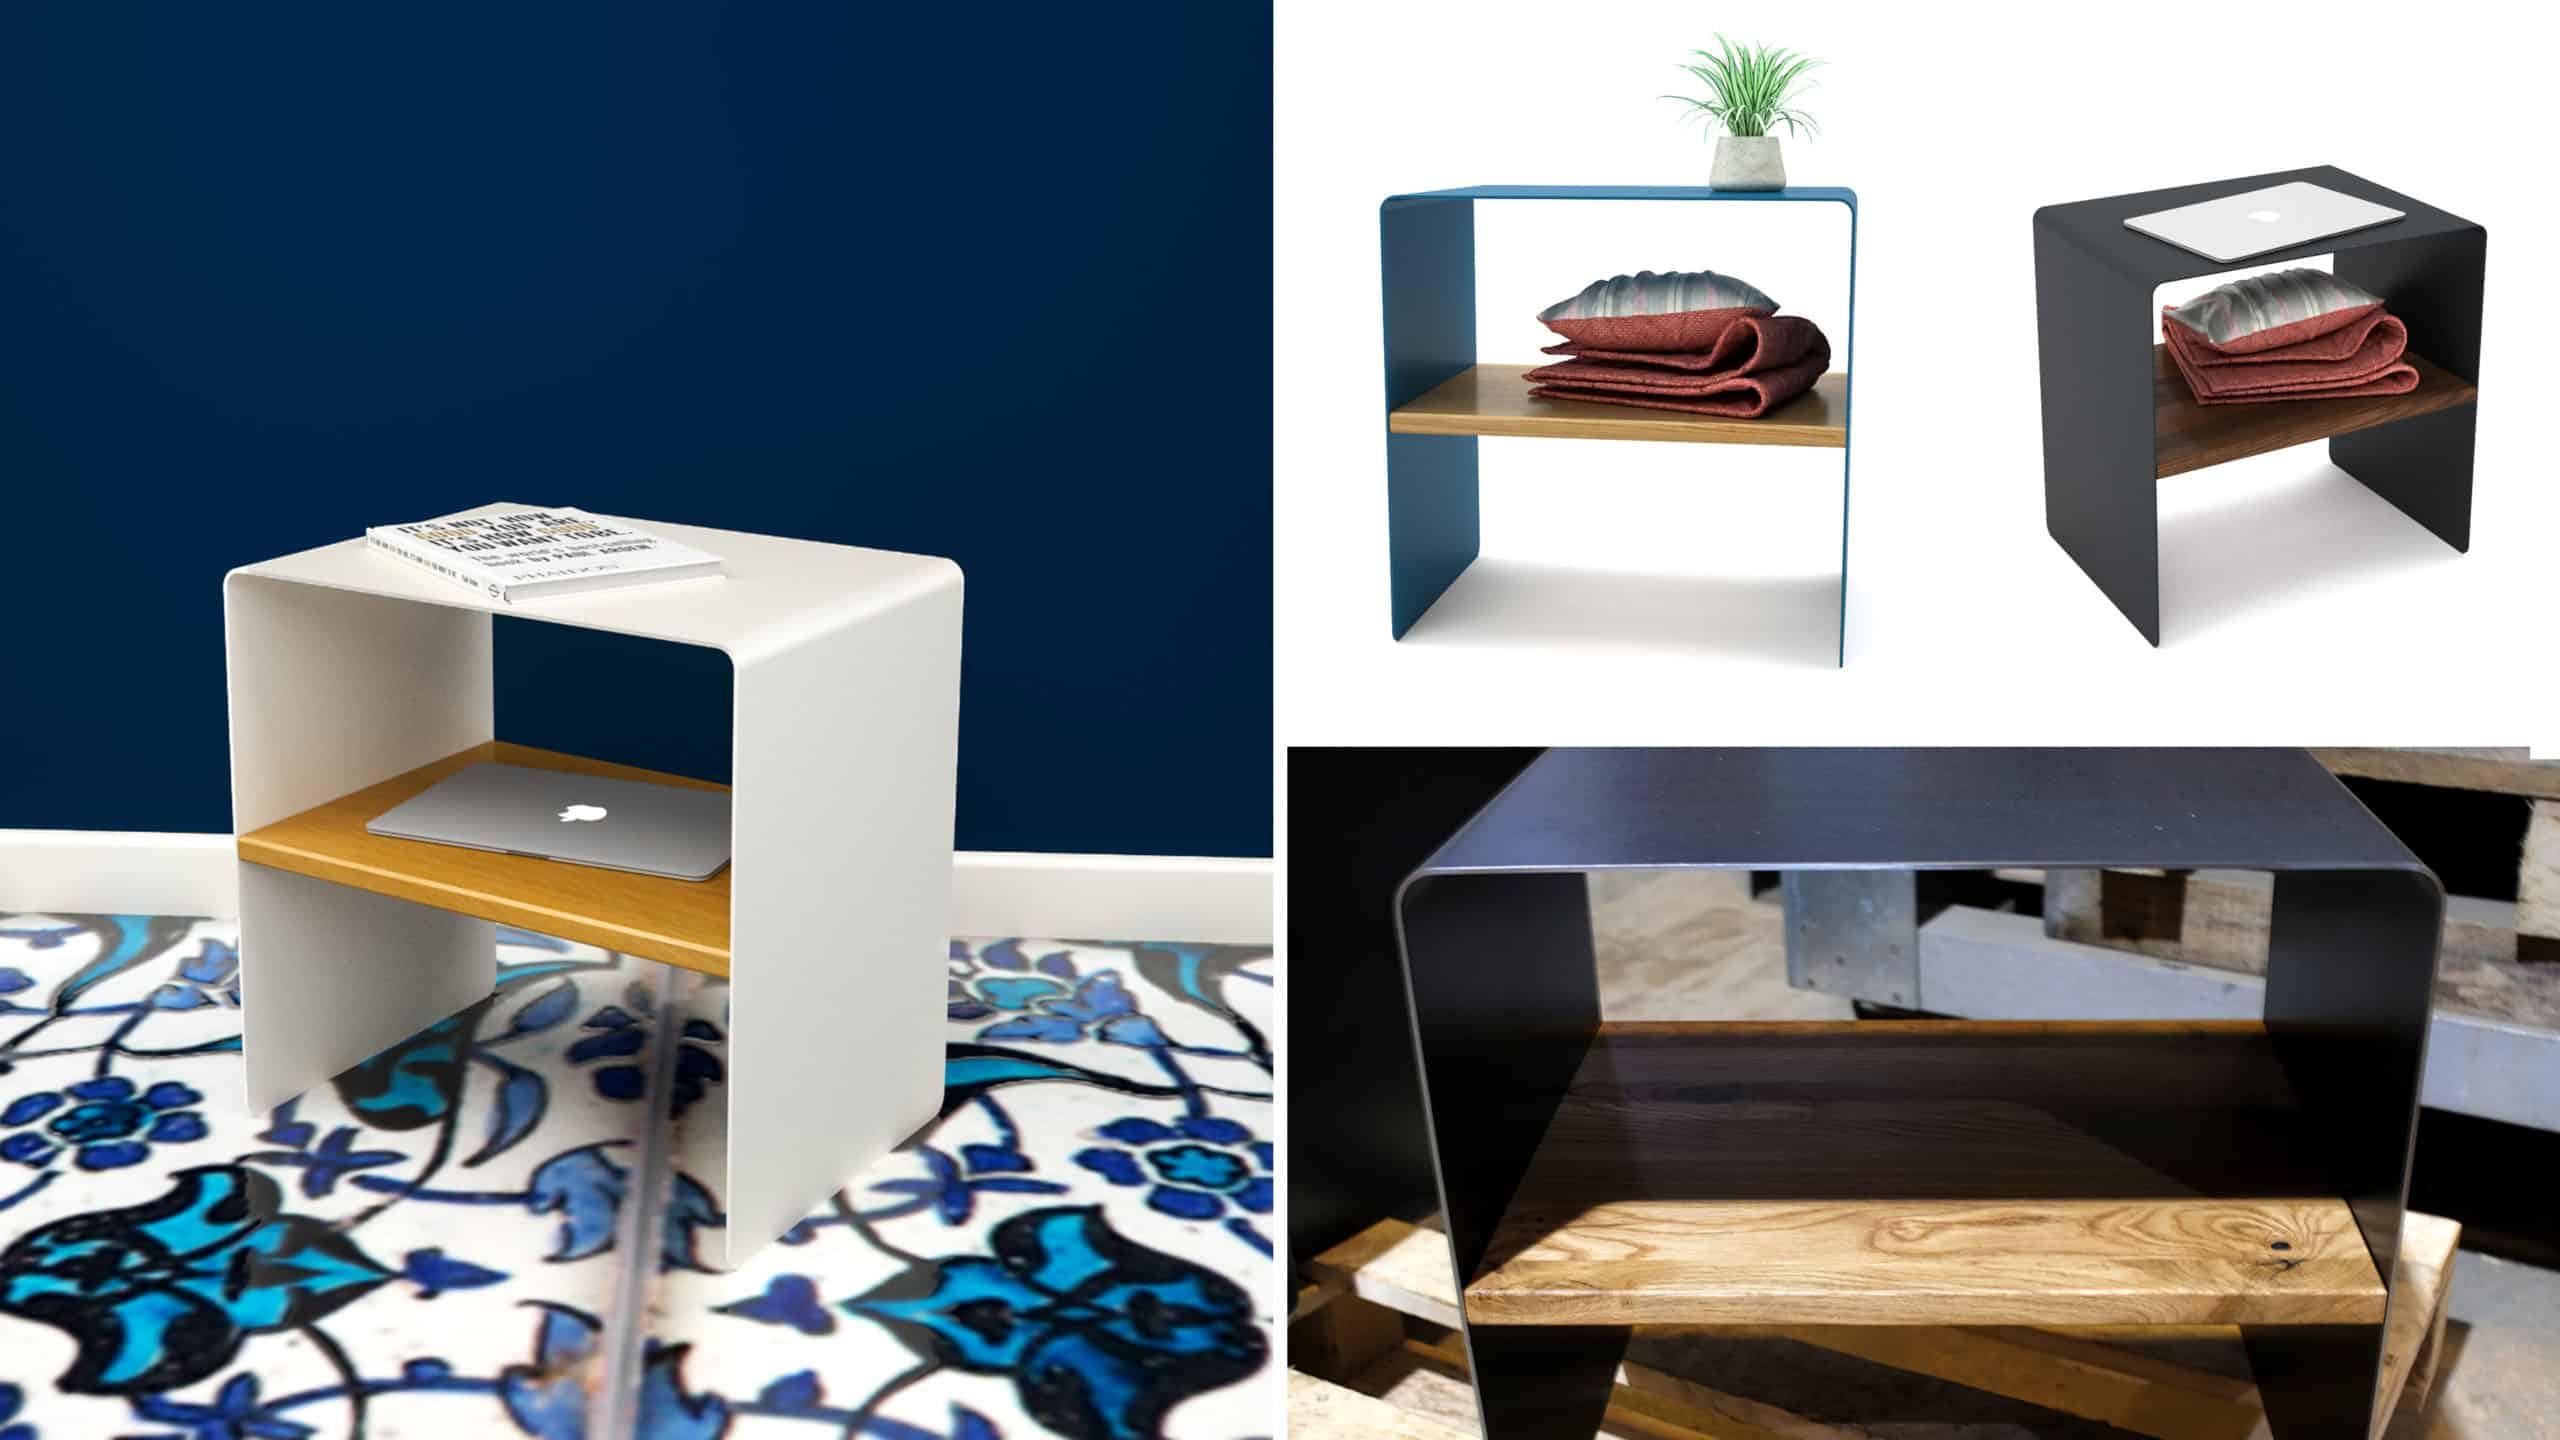 stahlzart-beistelltisch-schwarz-weiss-holz-eiche-grau-metall-modern-design-wohnzimmer-massivholz-wildeiche-stahl-blau-grau